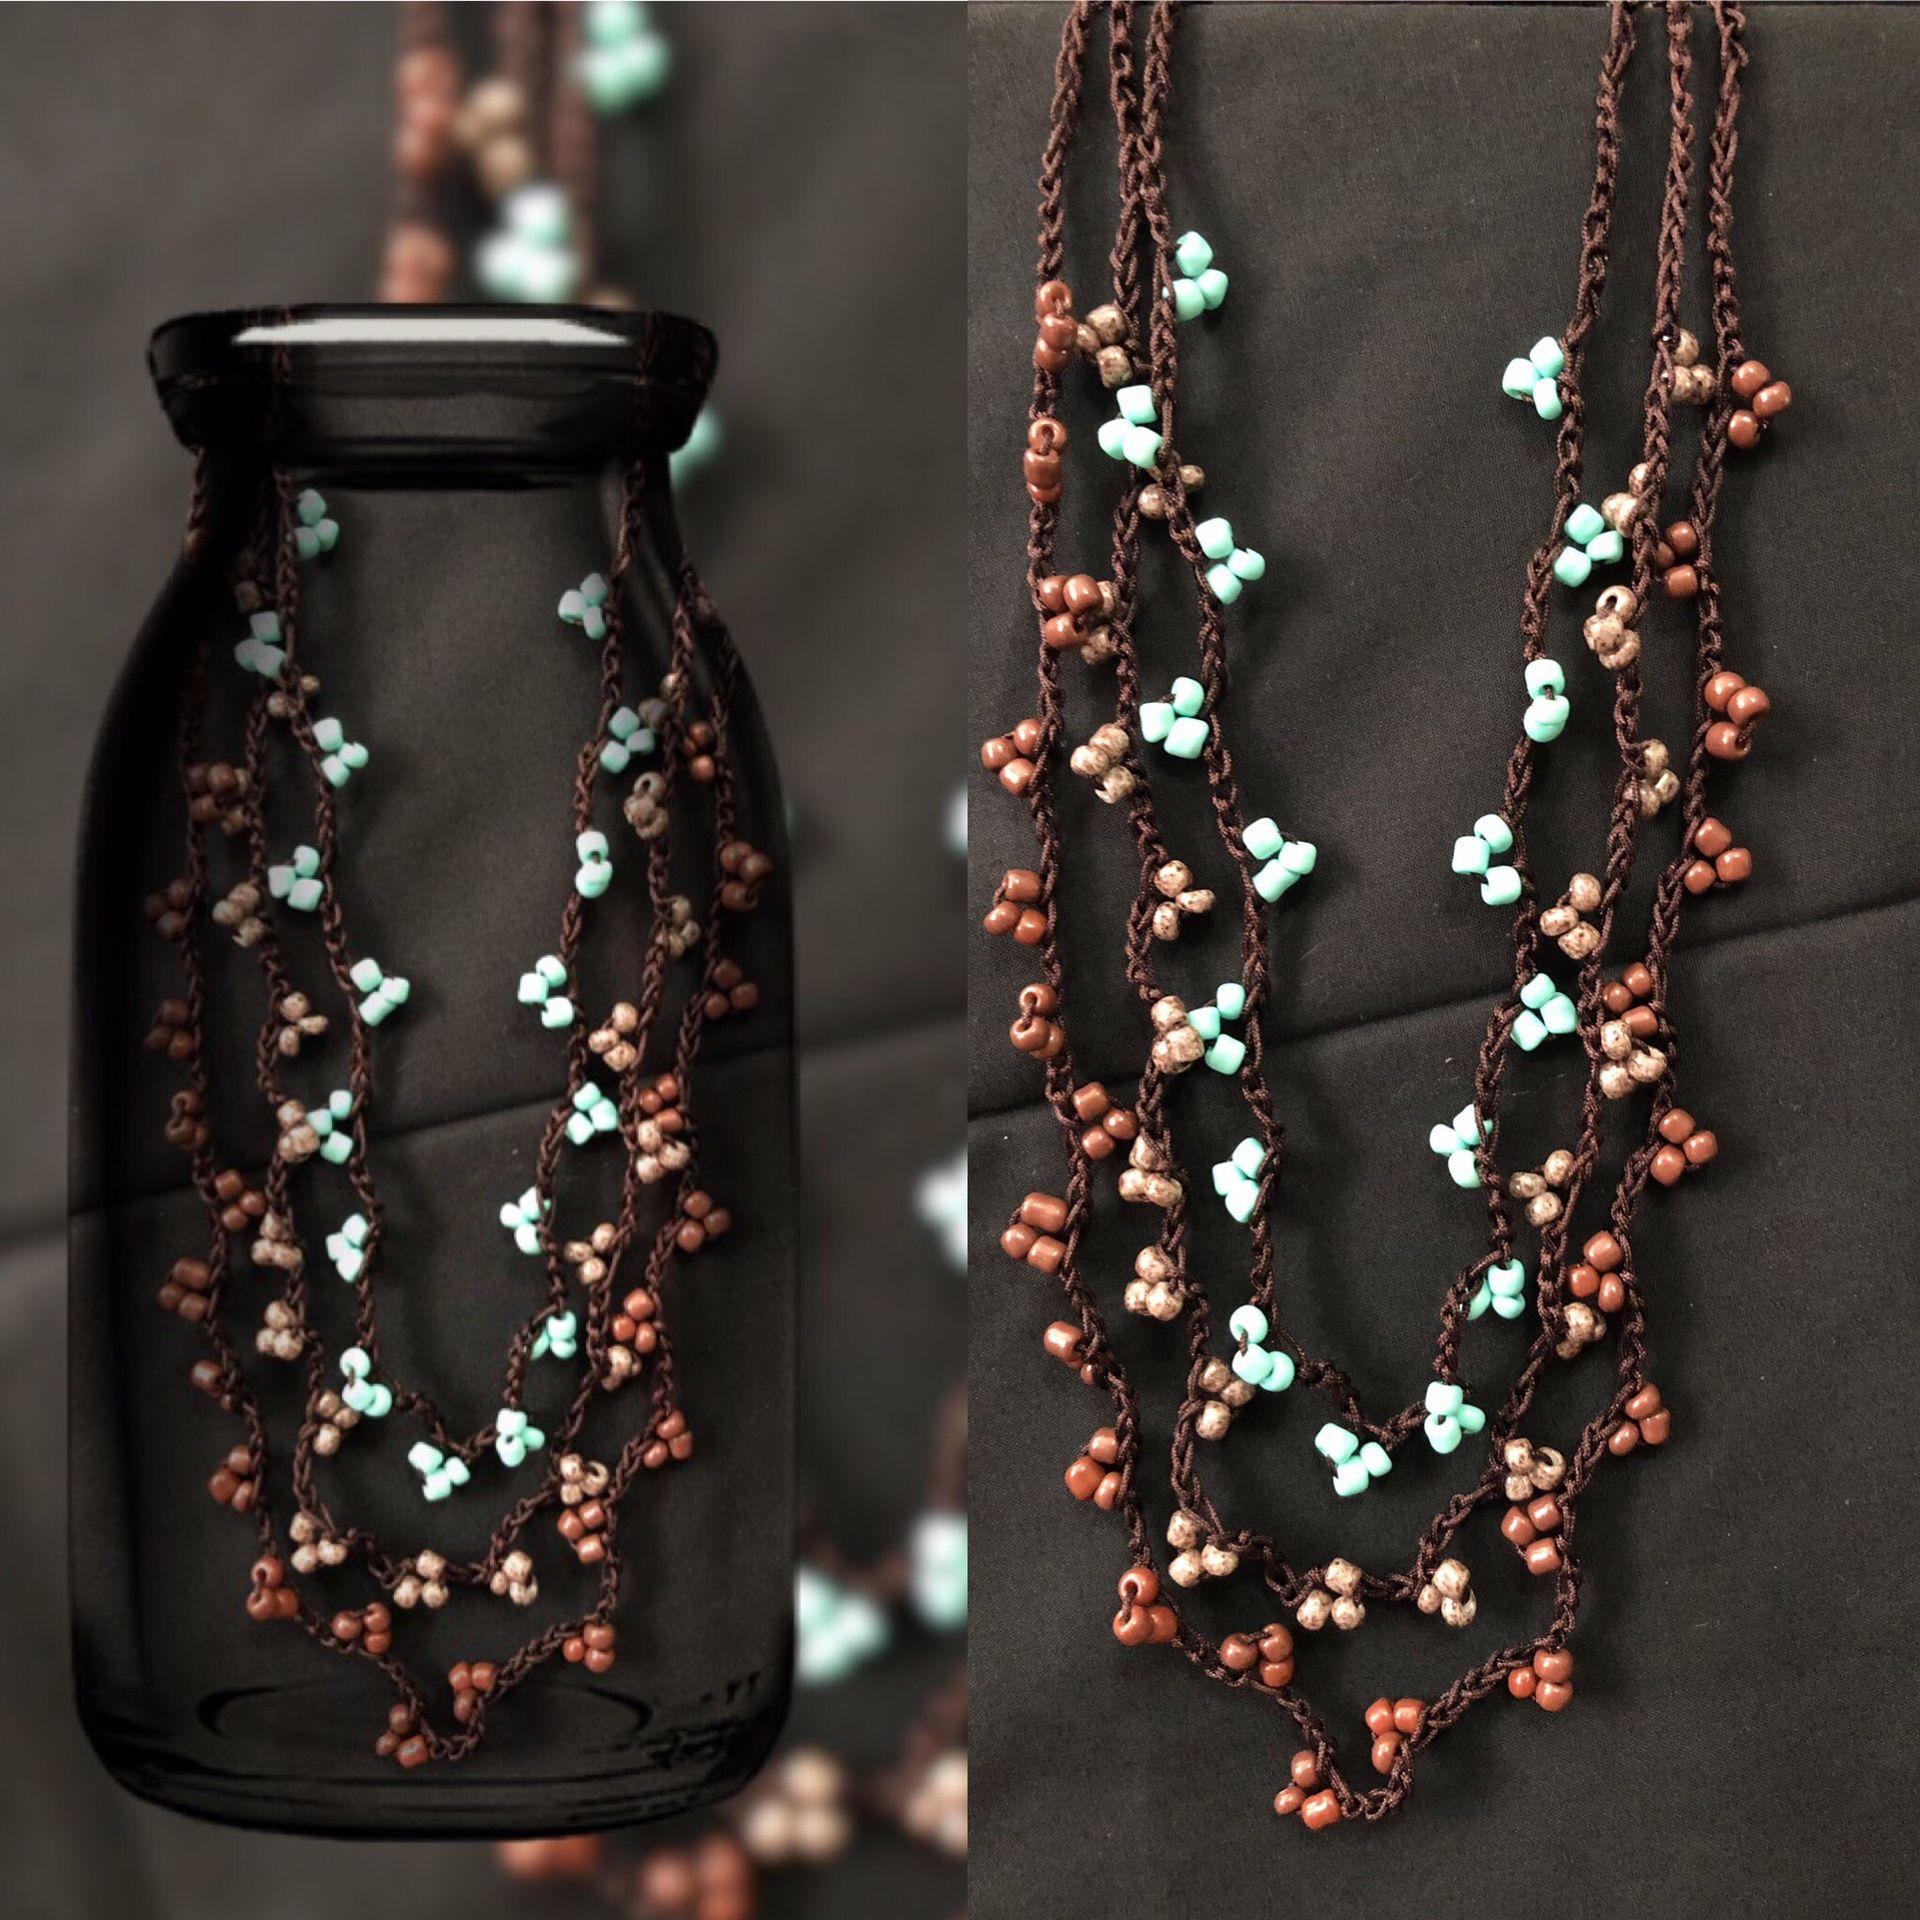 Handmade crochet glass beads necklace